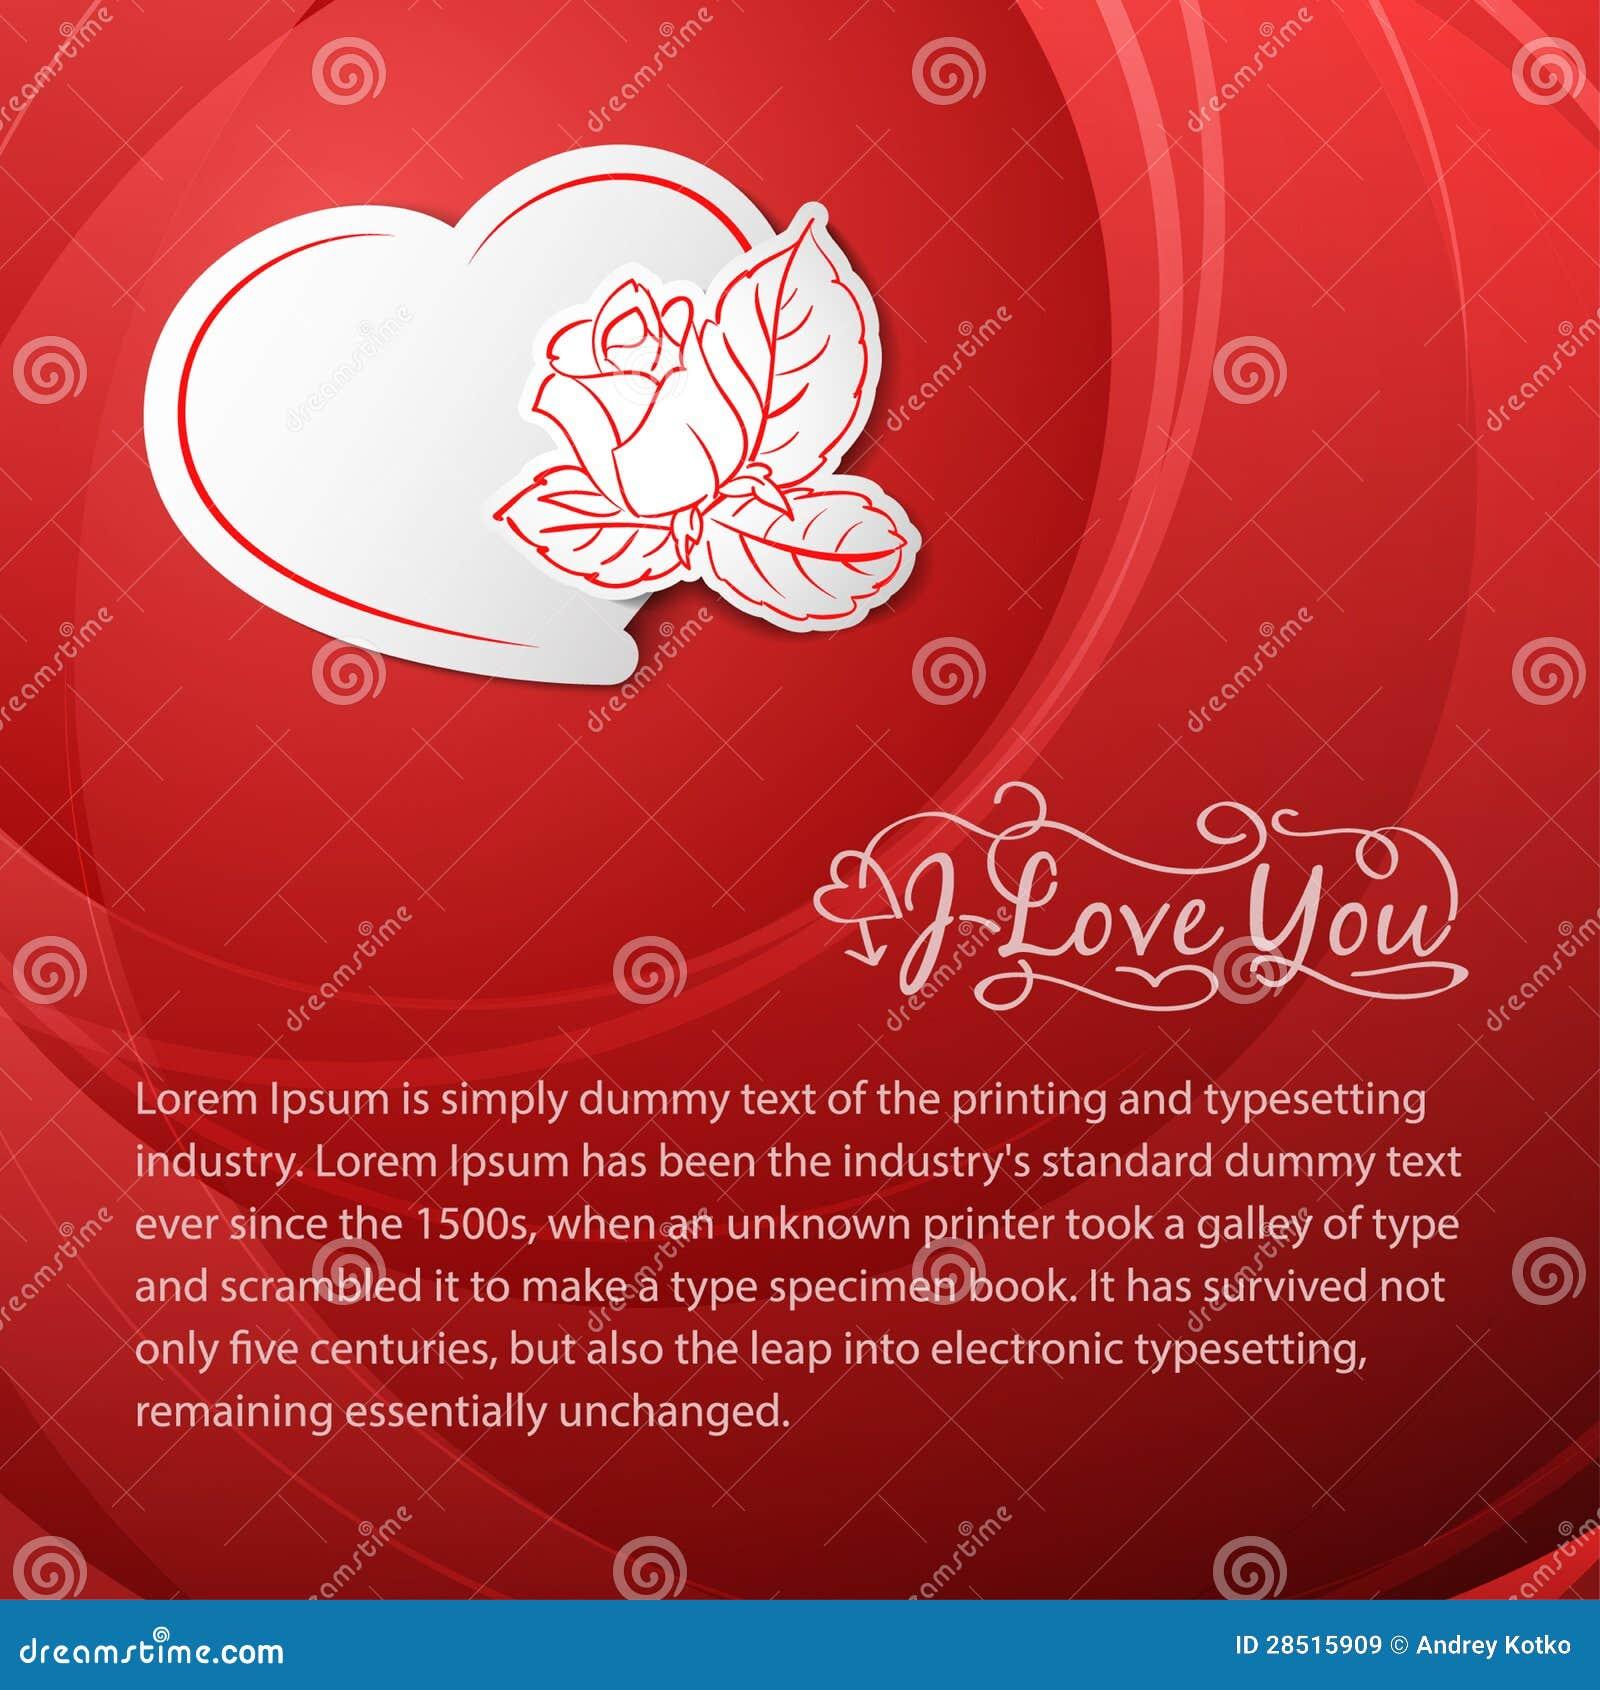 Perfekt Ich Liebe Dich. Valentinstag Karte.